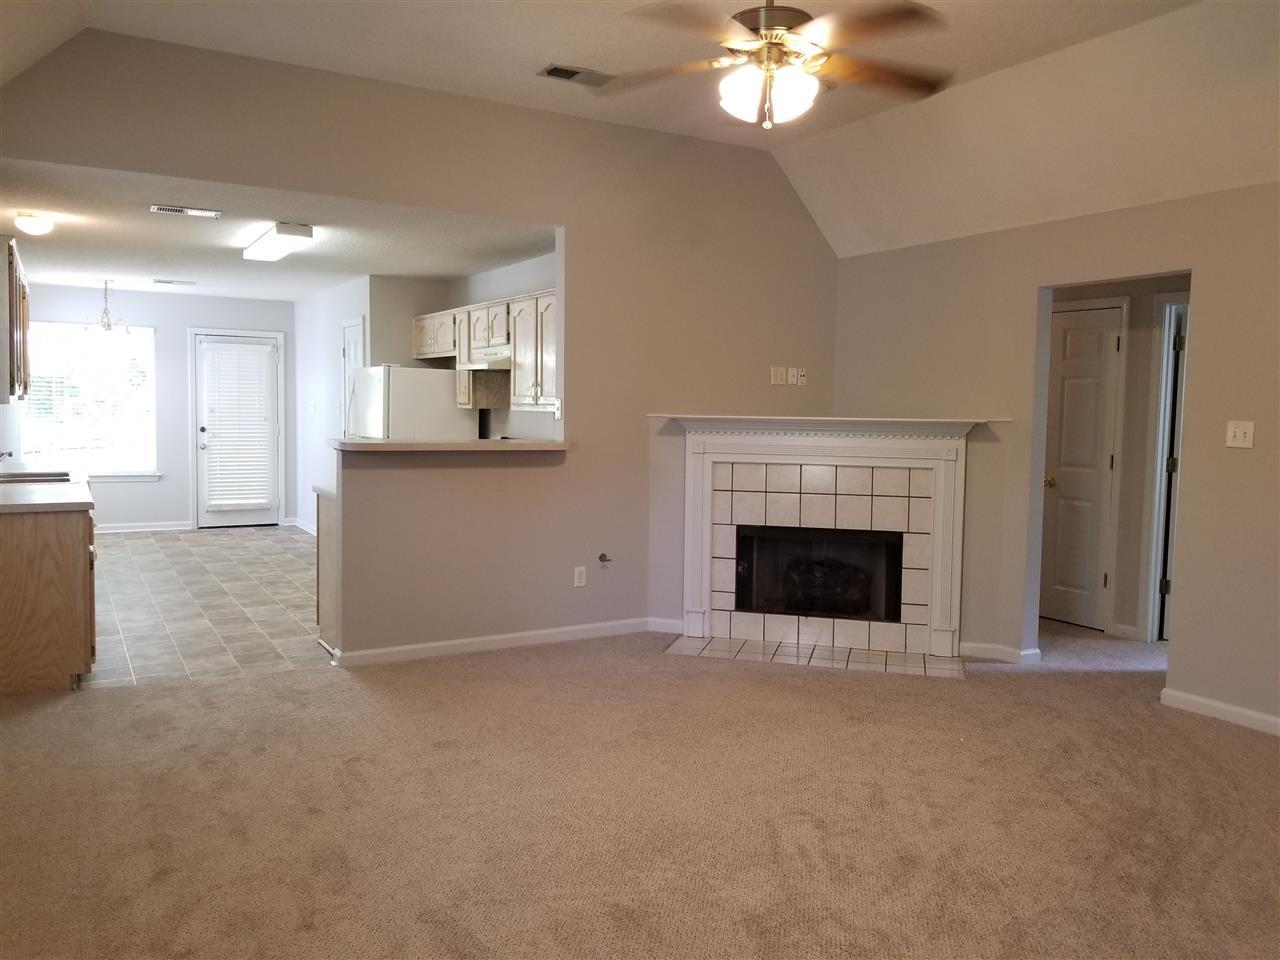 1168 Clear Creek Collierville, TN 38017 - MLS #: 10027018